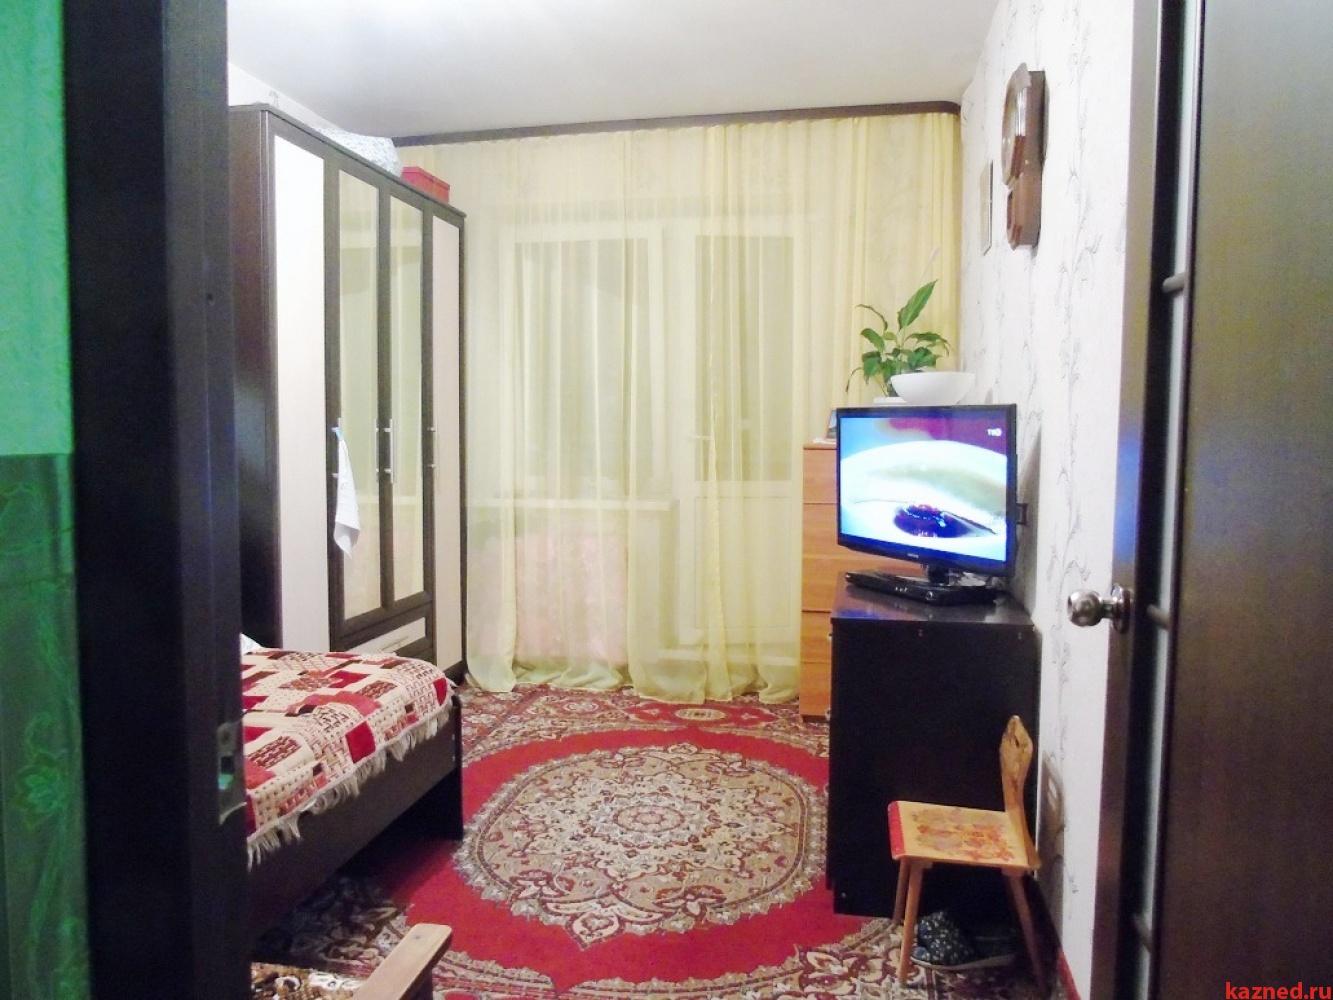 Продажа 2-к квартиры Амирхана, 83, 52 м² (миниатюра №5)